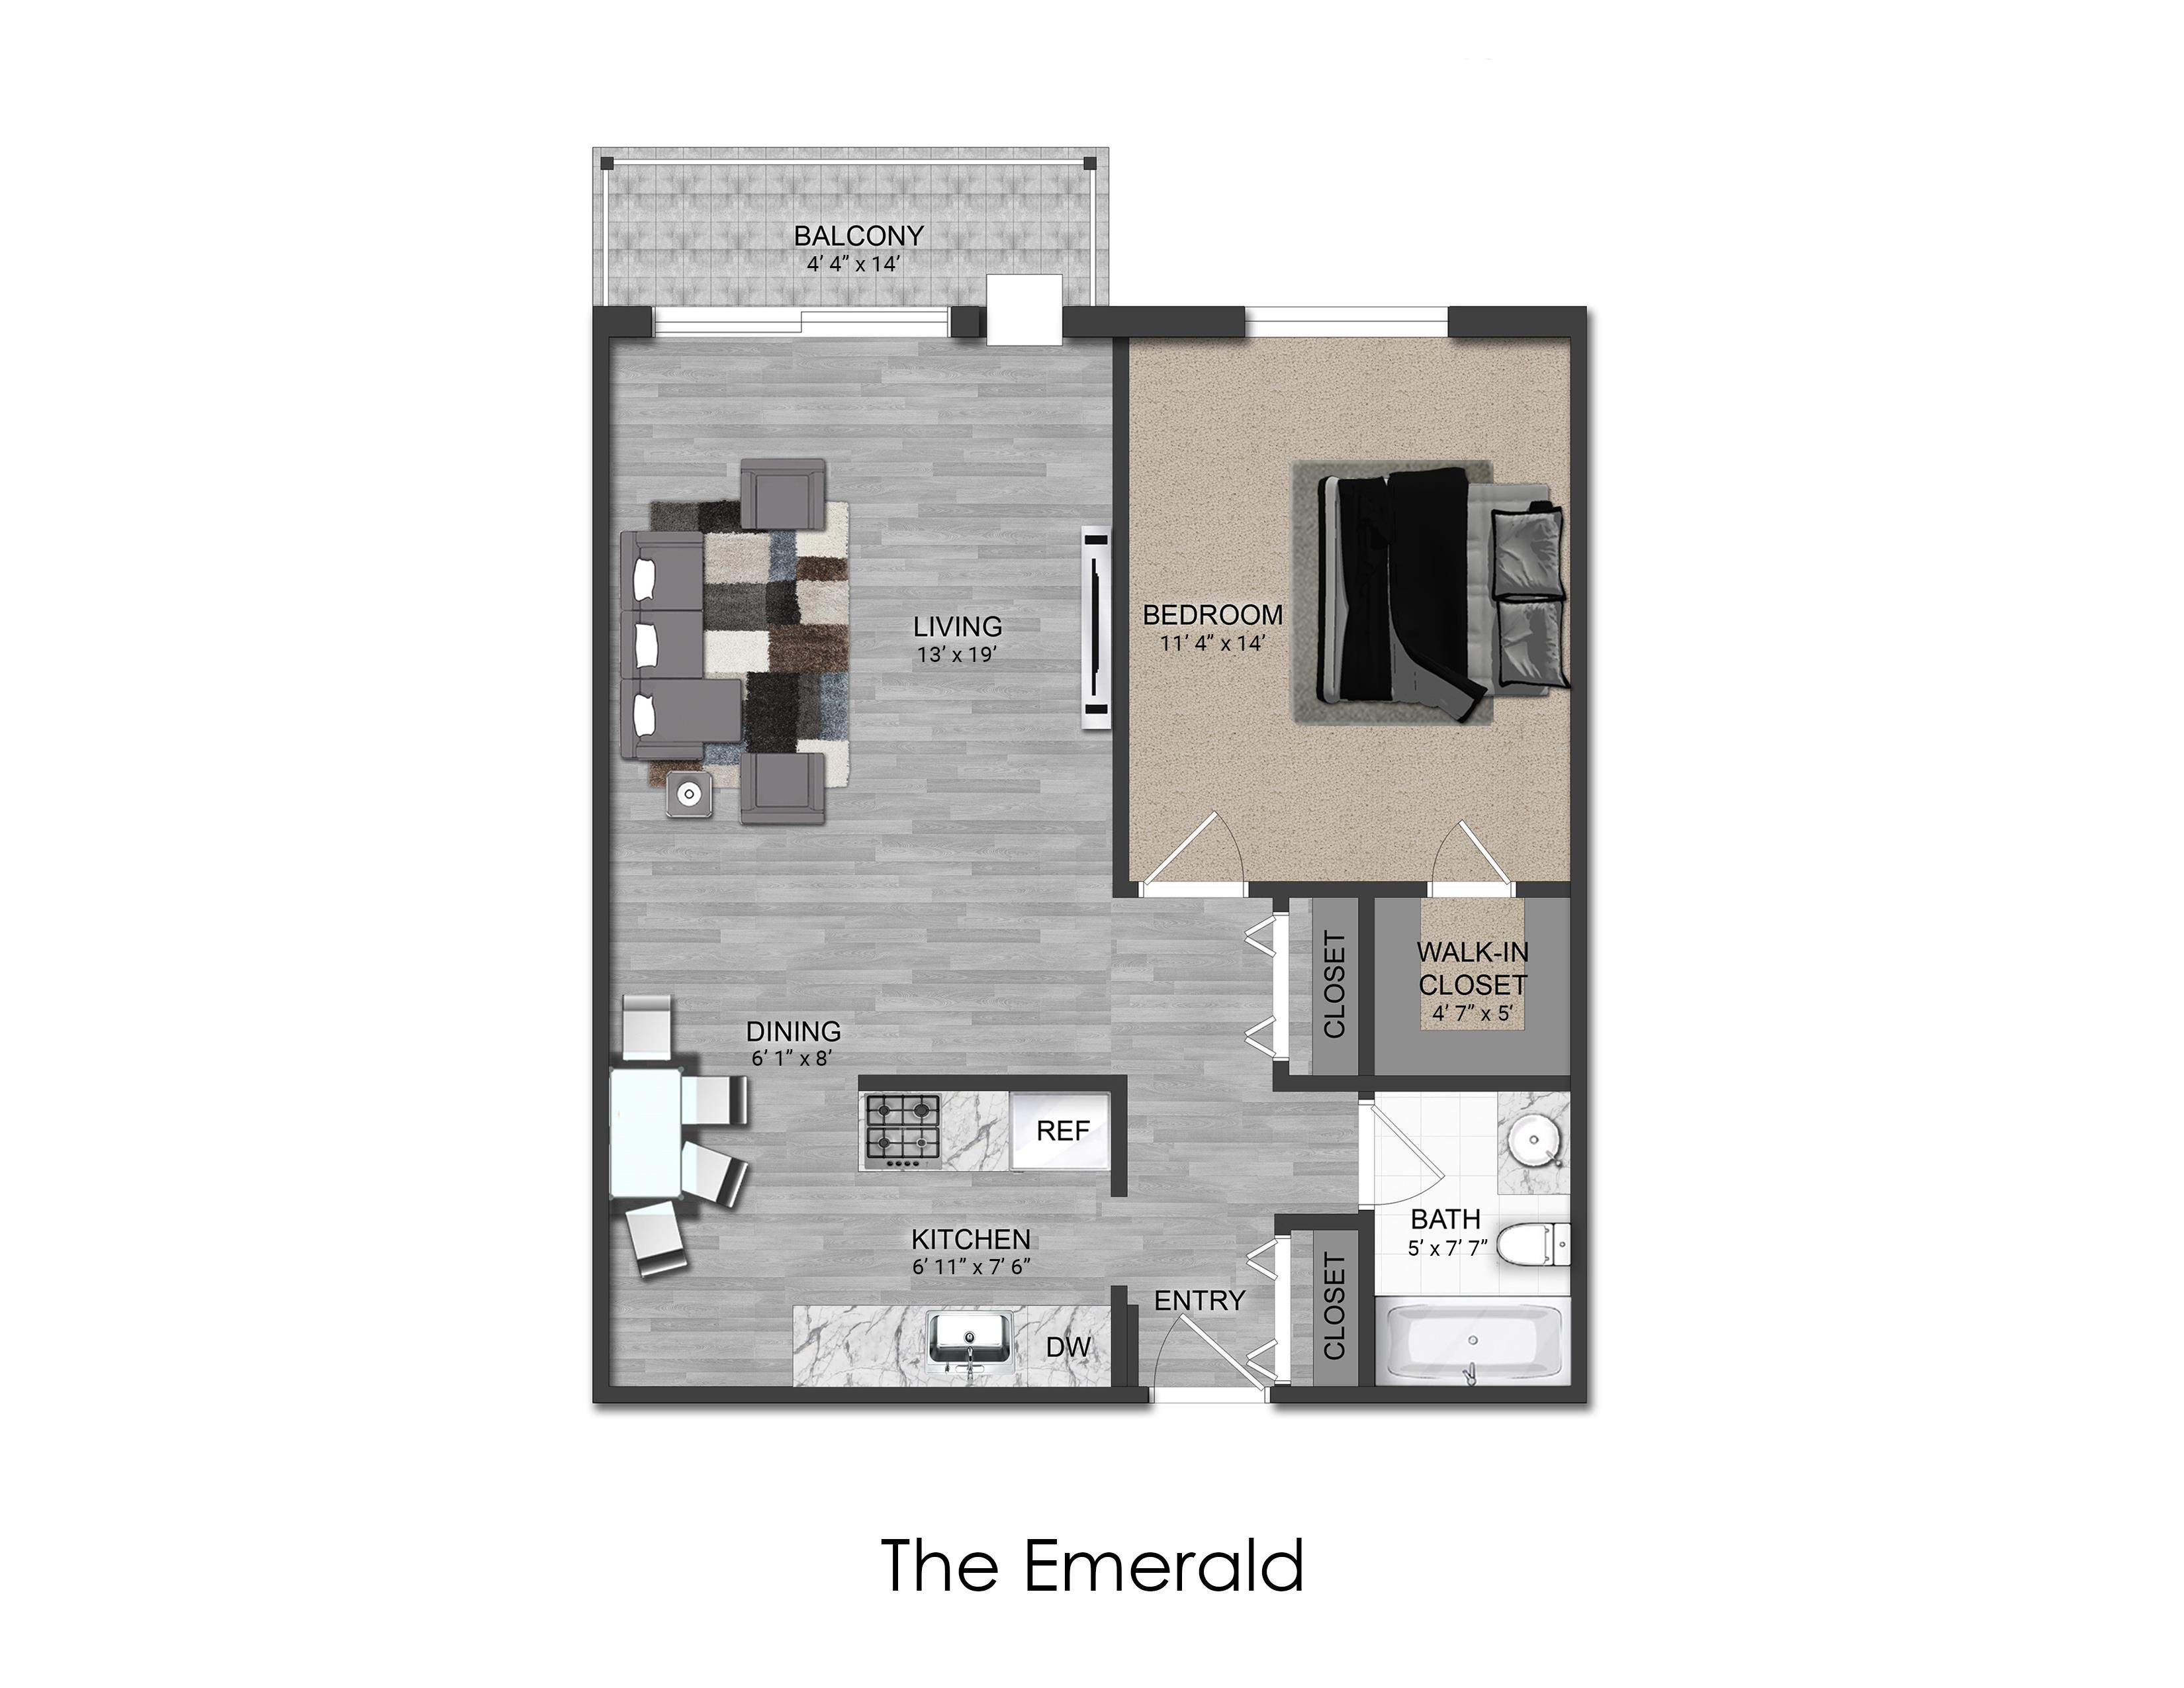 Image of Unit Floorplan layout